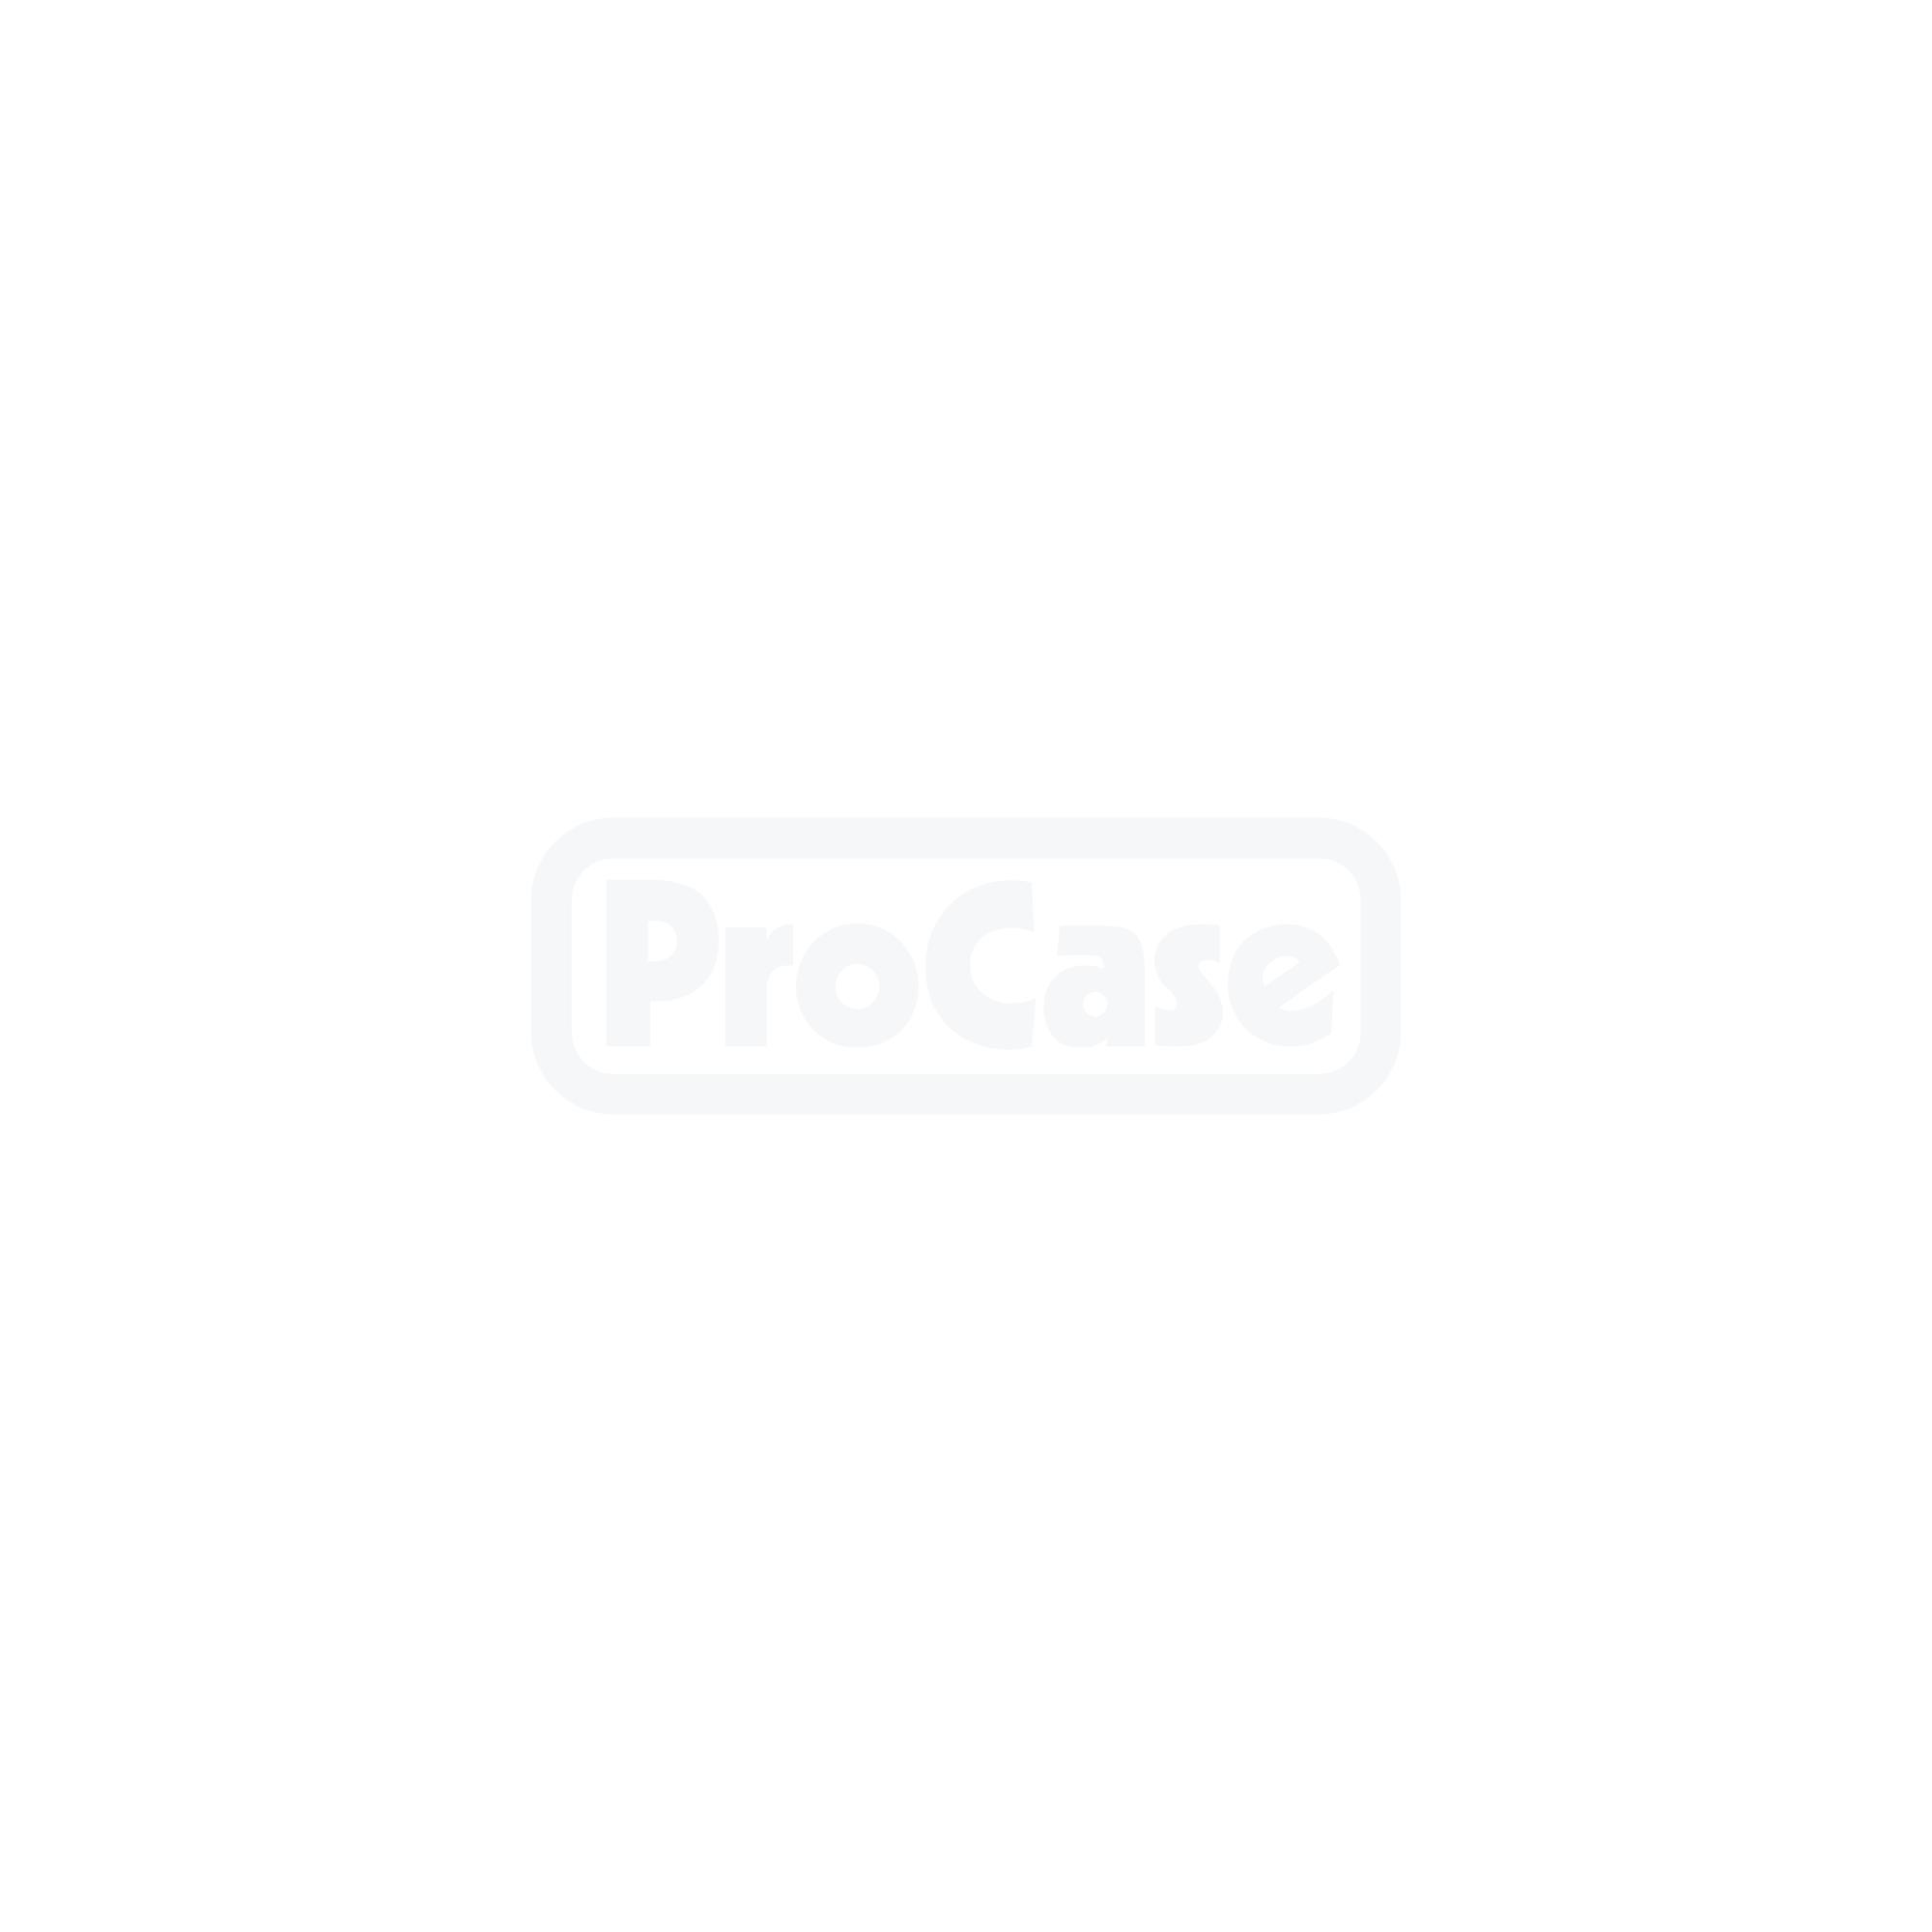 QSD-Rack 14HE 600 mm tief